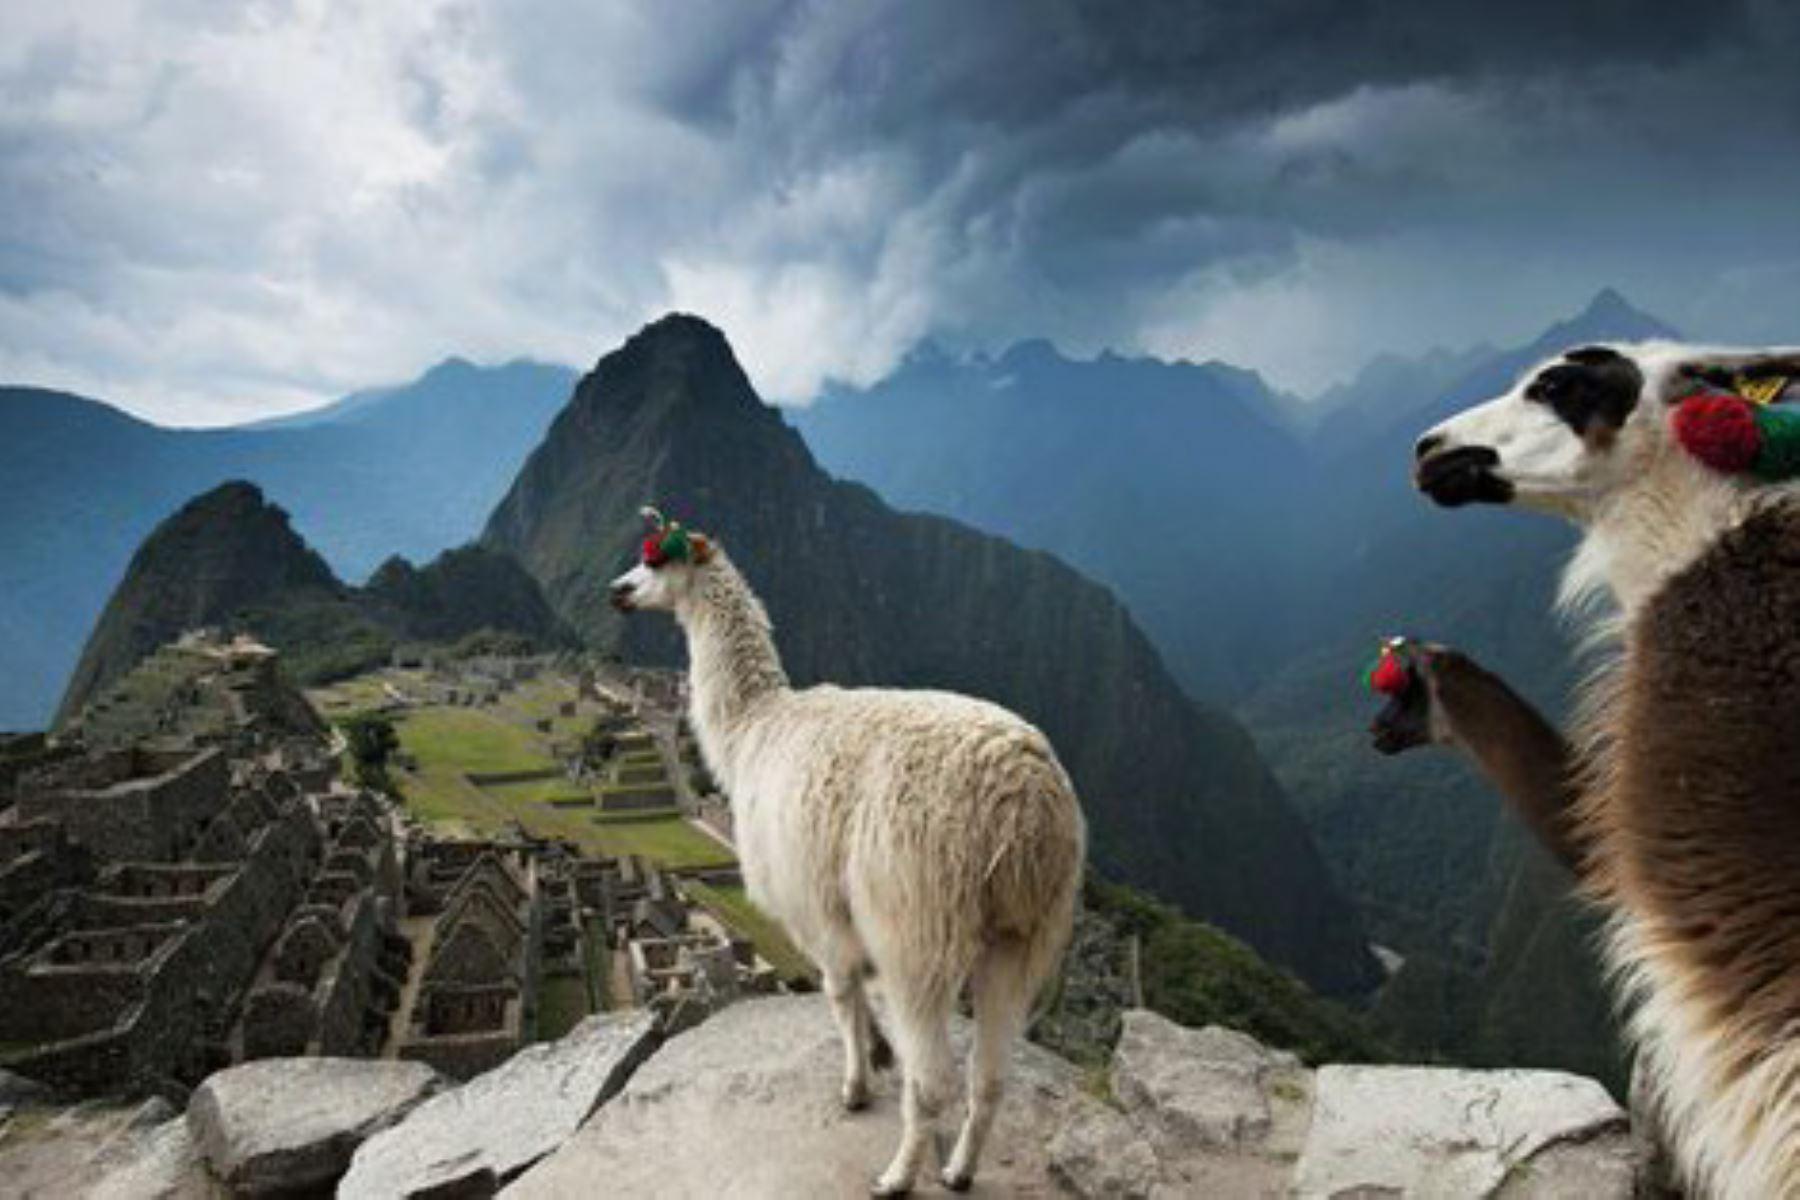 El encanto que irradia Machu Picchu en el mundo sigue cosechando elogios. Esta Vez, la prestigiosa publicación National Geographic vuelve a referirse a la ciudadela inca como una de las maravillas que invitan a viajar y que vale la pena conocer. Foto: Jim Richardson